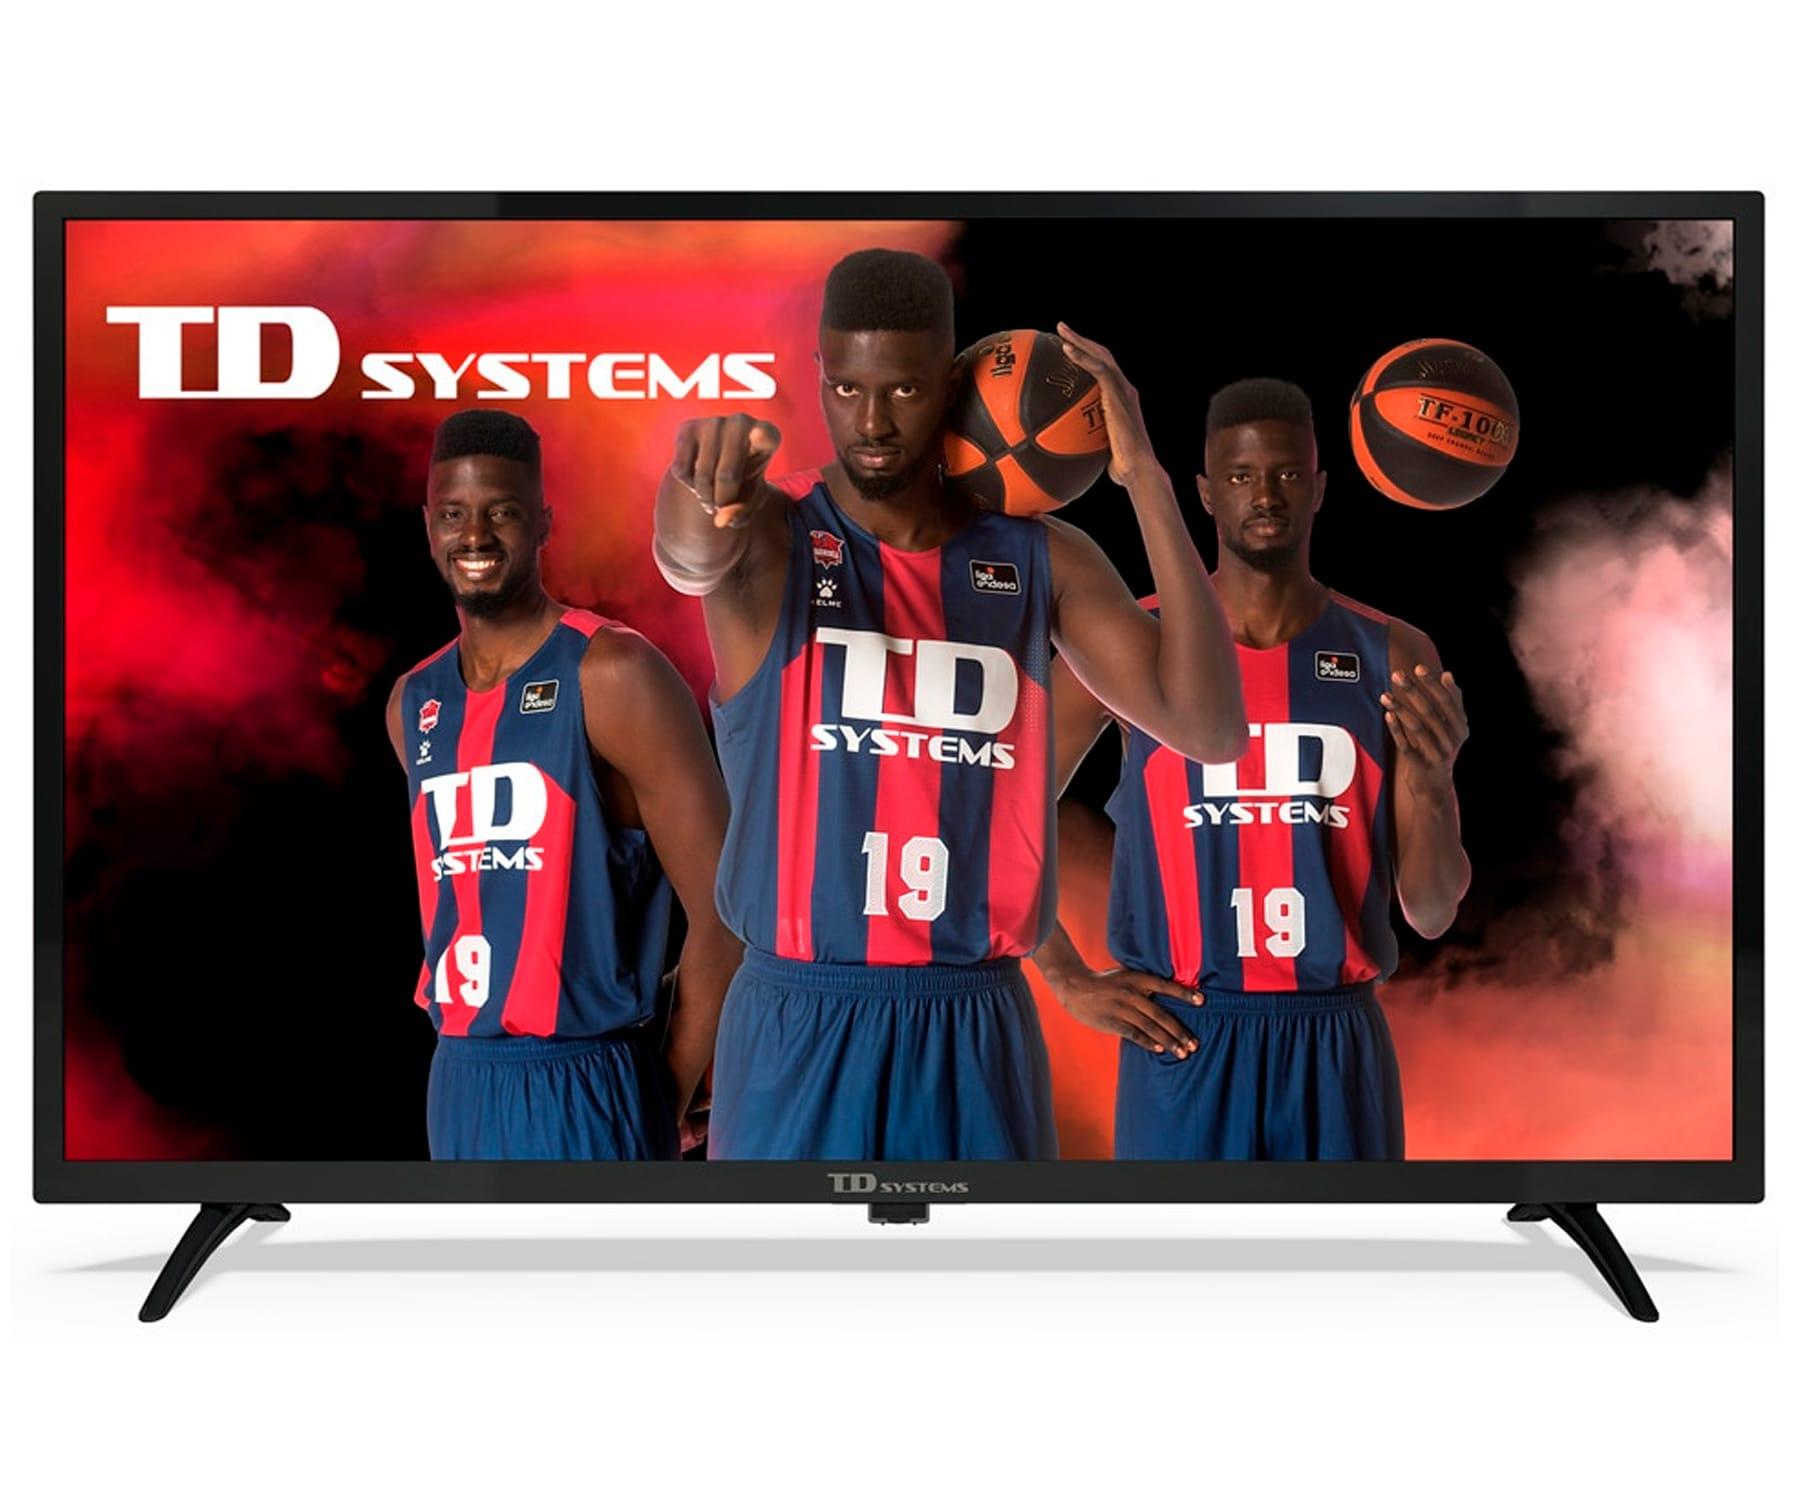 TD SYSTEMS K32DLK12H TELEVISOR 32'' DIRECT LED HD READY HDMI USB DOLBY DIGITAL PLUS